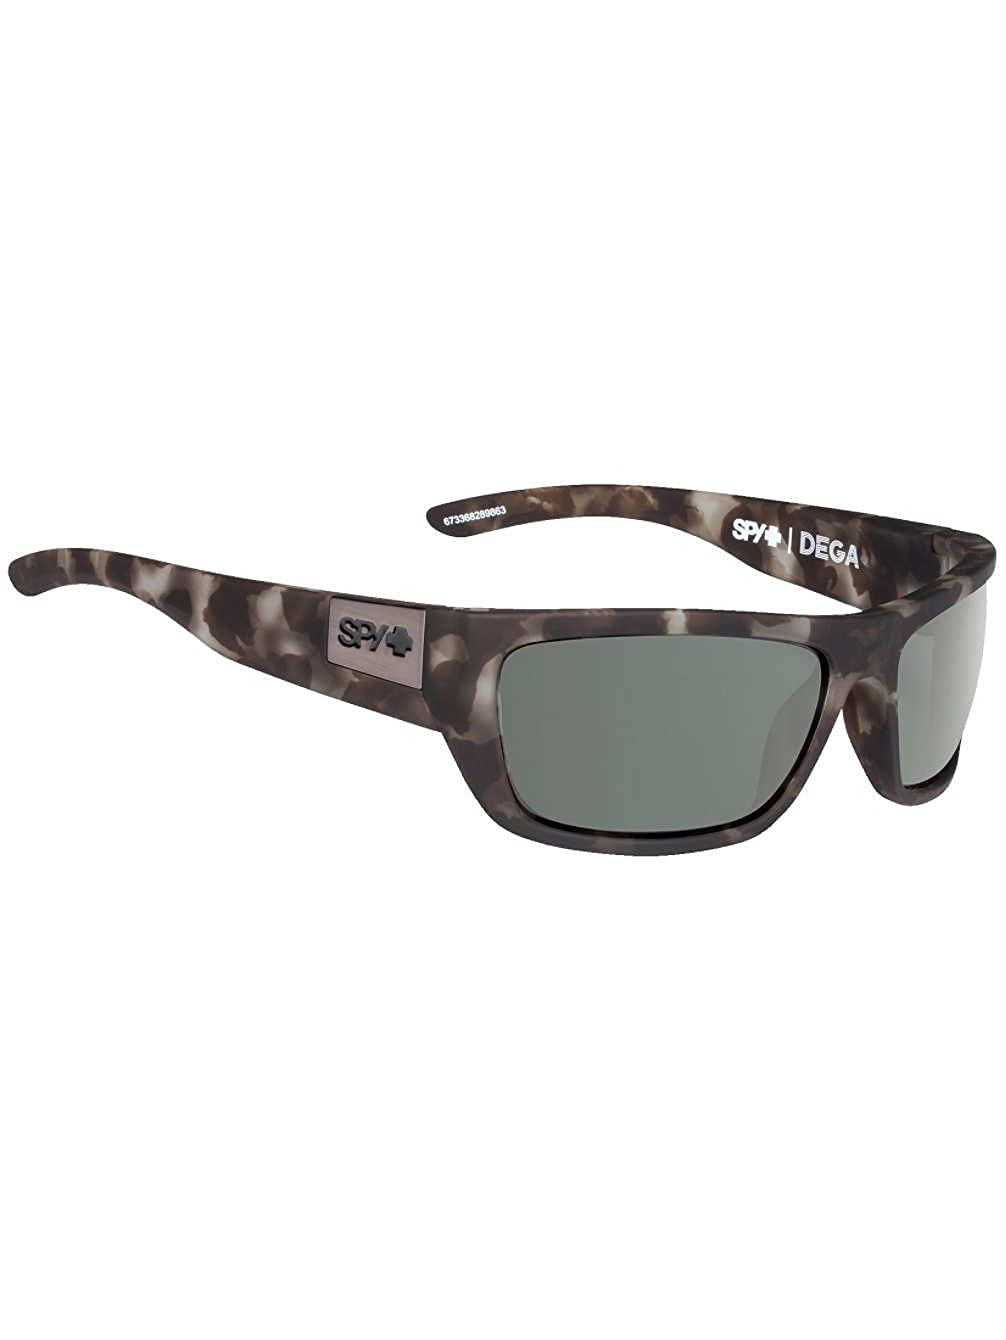 Amazon.com: SPY Optic Dega Wrap - Gafas de sol para hombre y ...